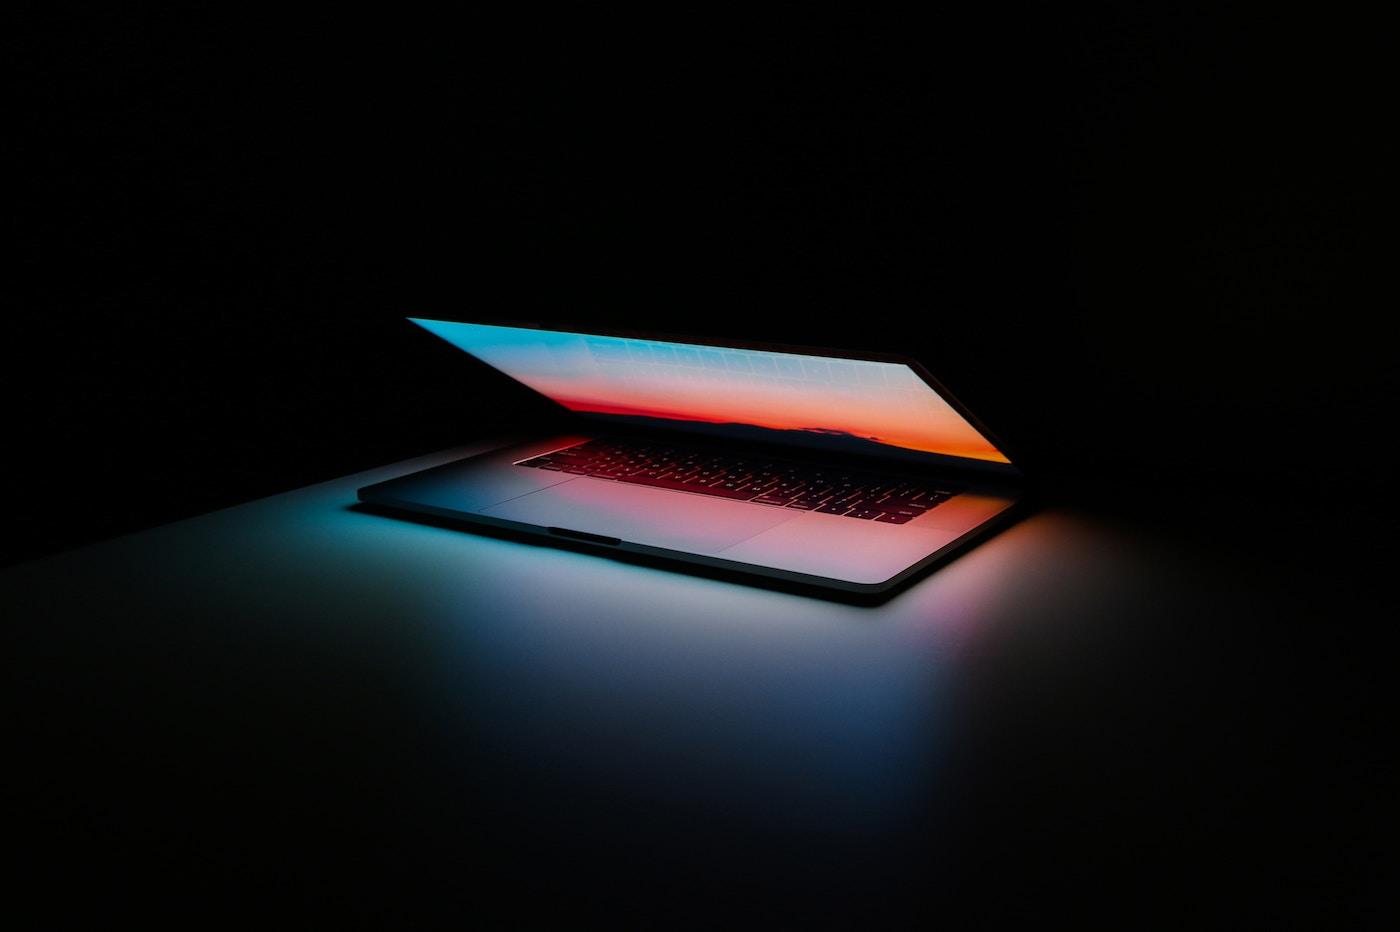 Le MacBook Pro 16 pouces abandonnerait le clavier papillon pour un mécanisme ciseaux